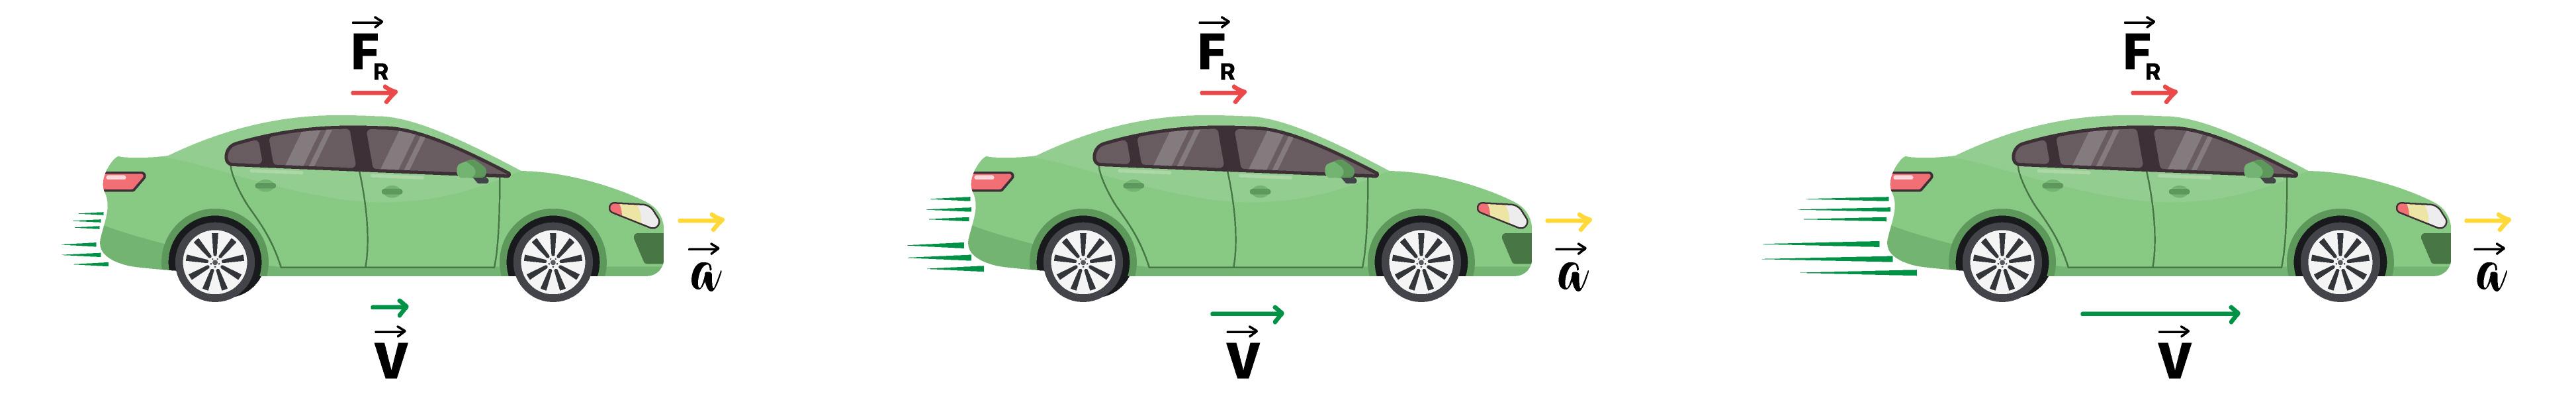 Carro acelerando e aumentando a velocidade - Segunda Lei de Newton.